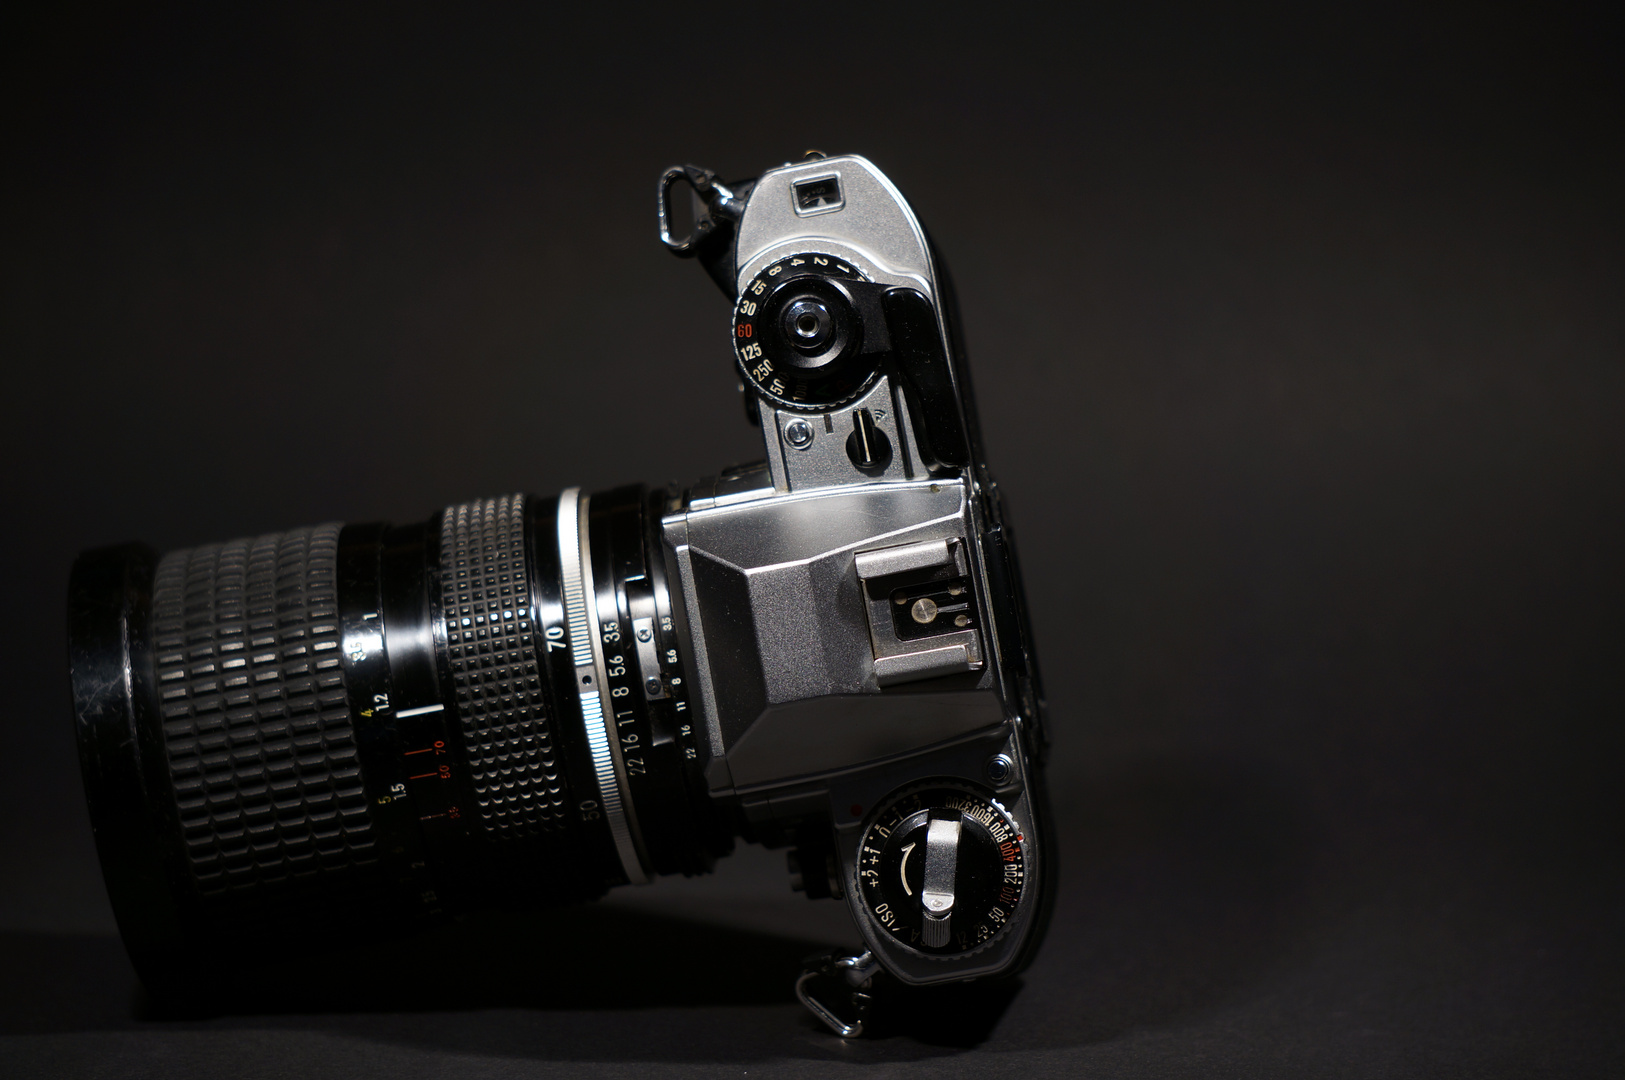 Fotoapparat (2)